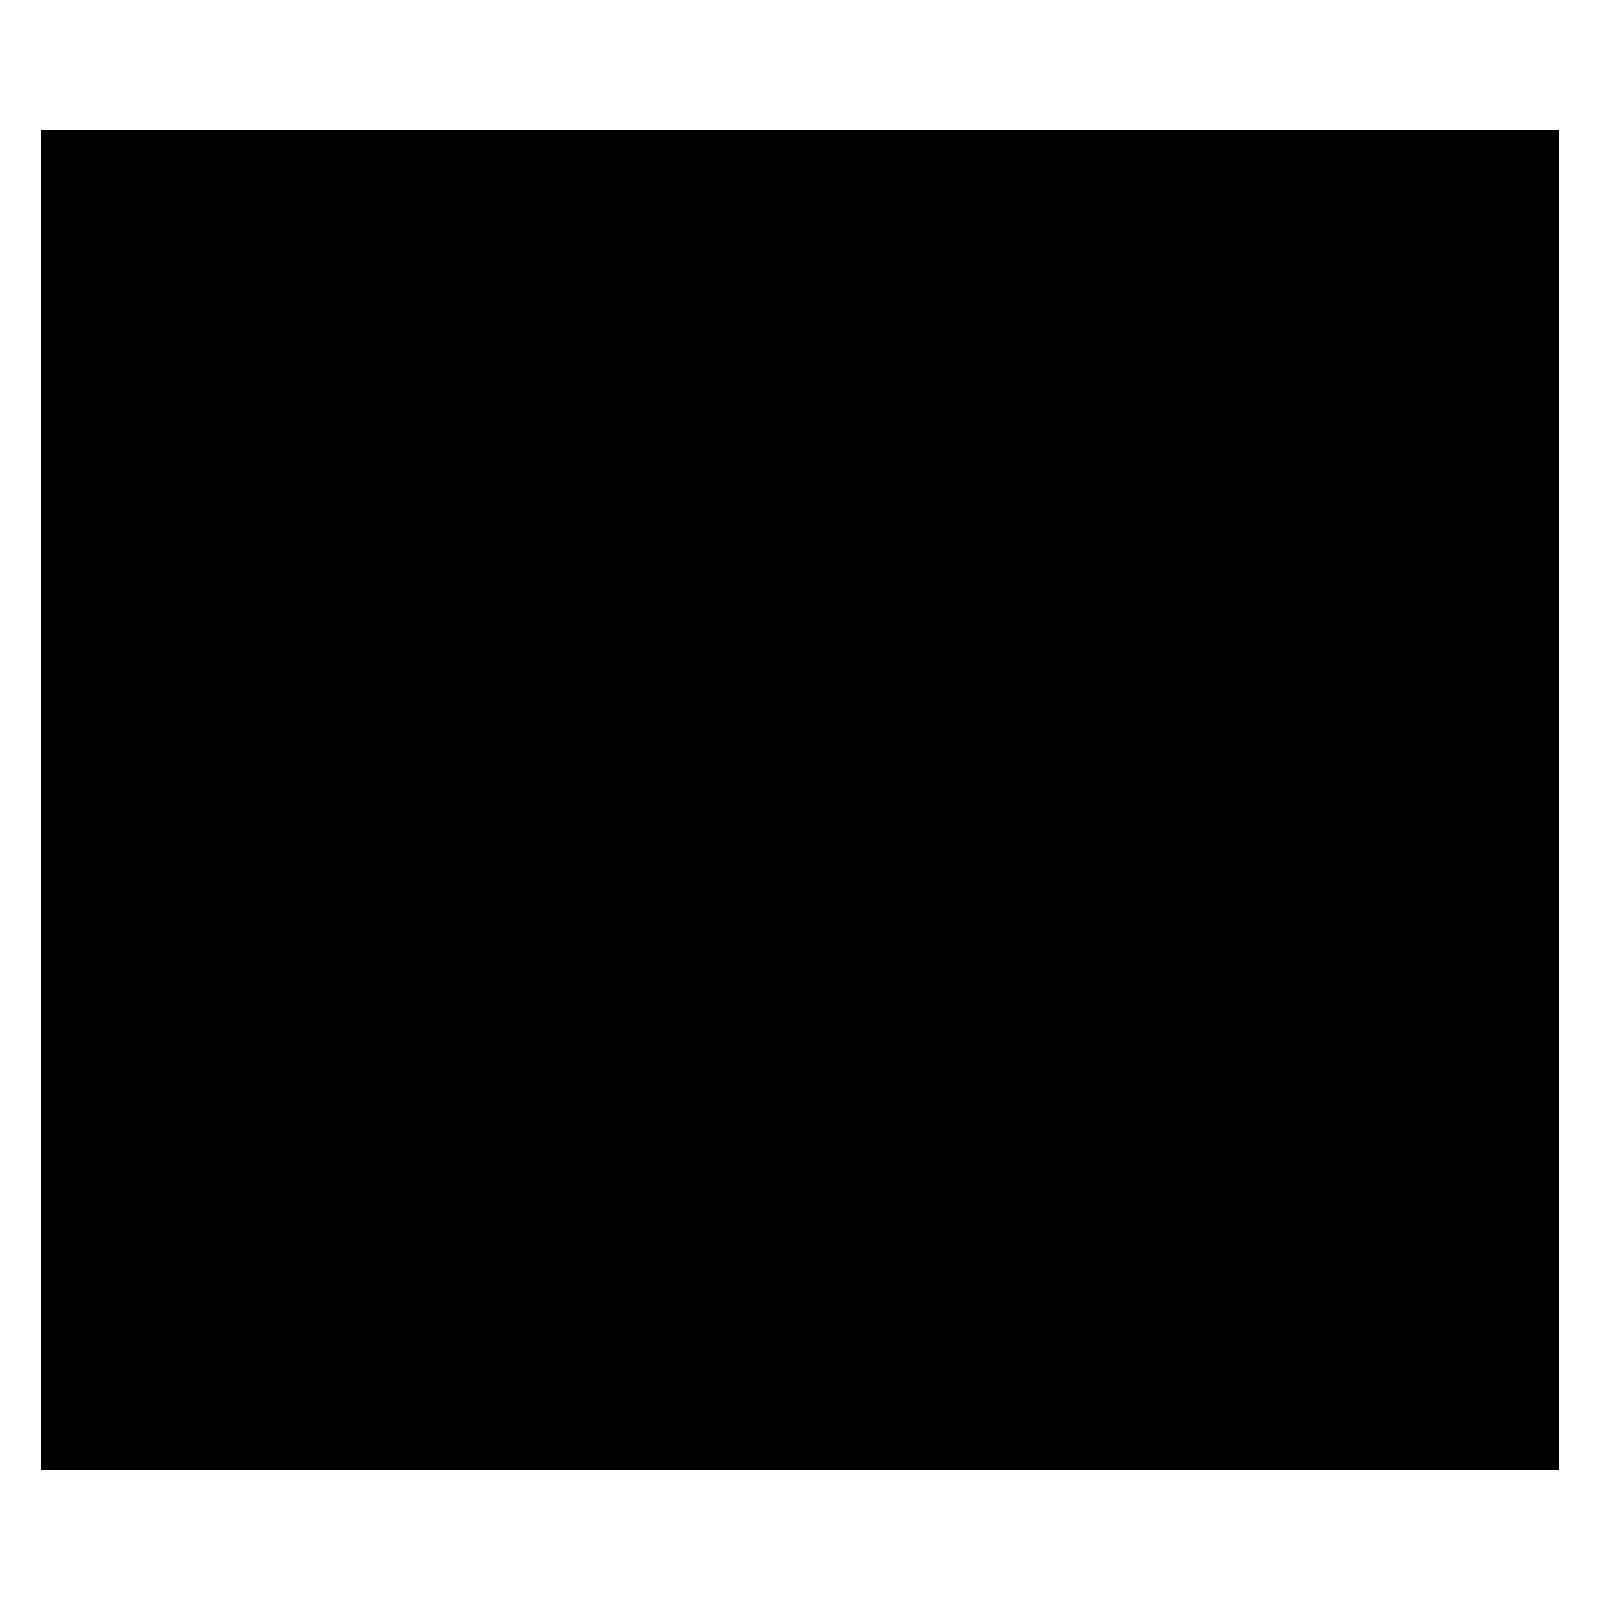 WSSB logo